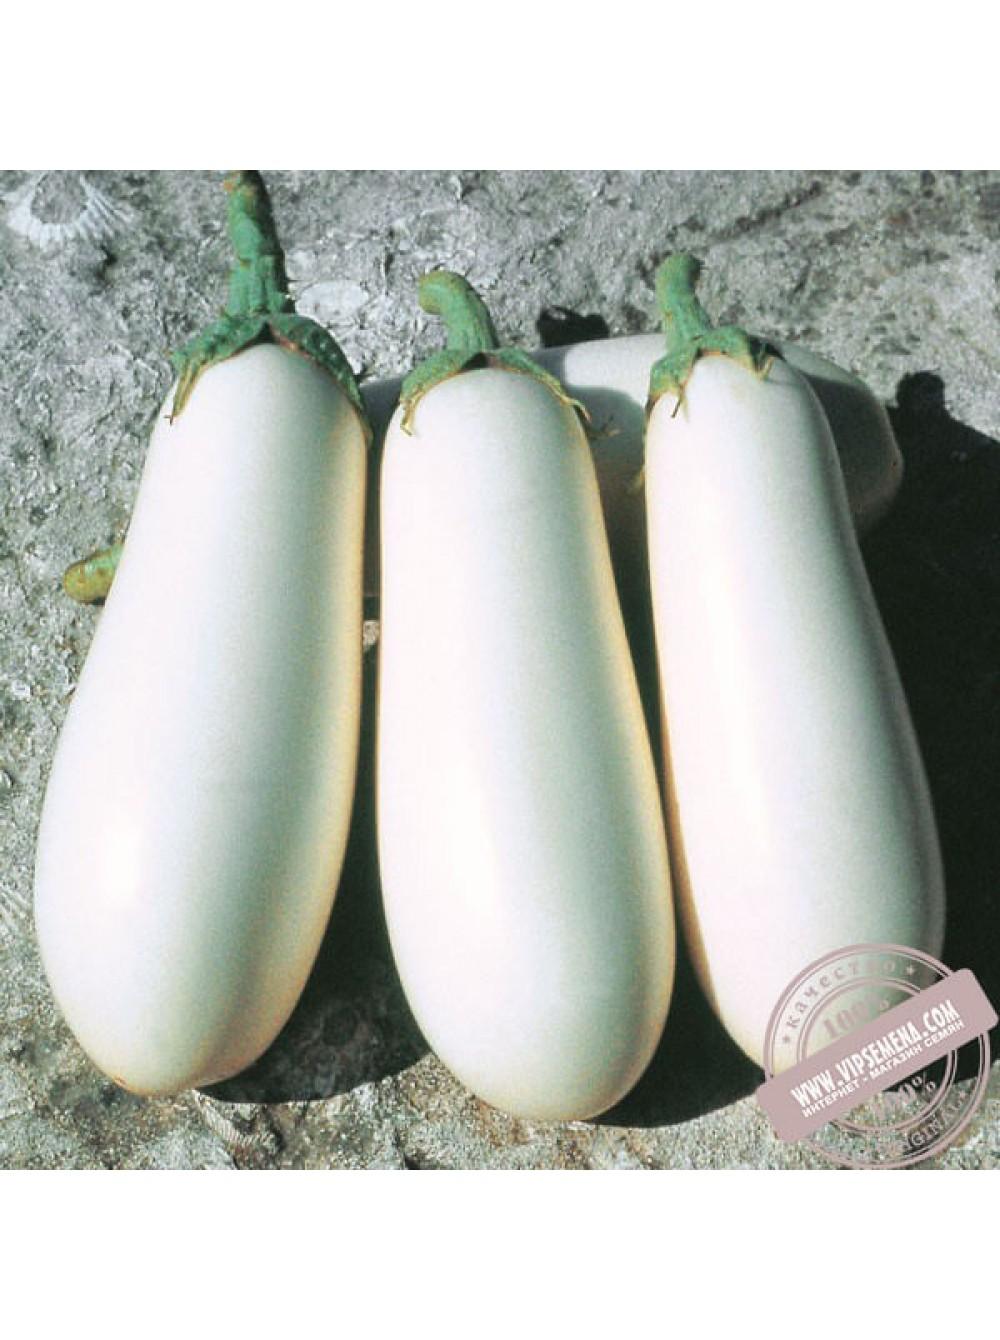 Баклажан бибо: описание, отзывы, урожайность